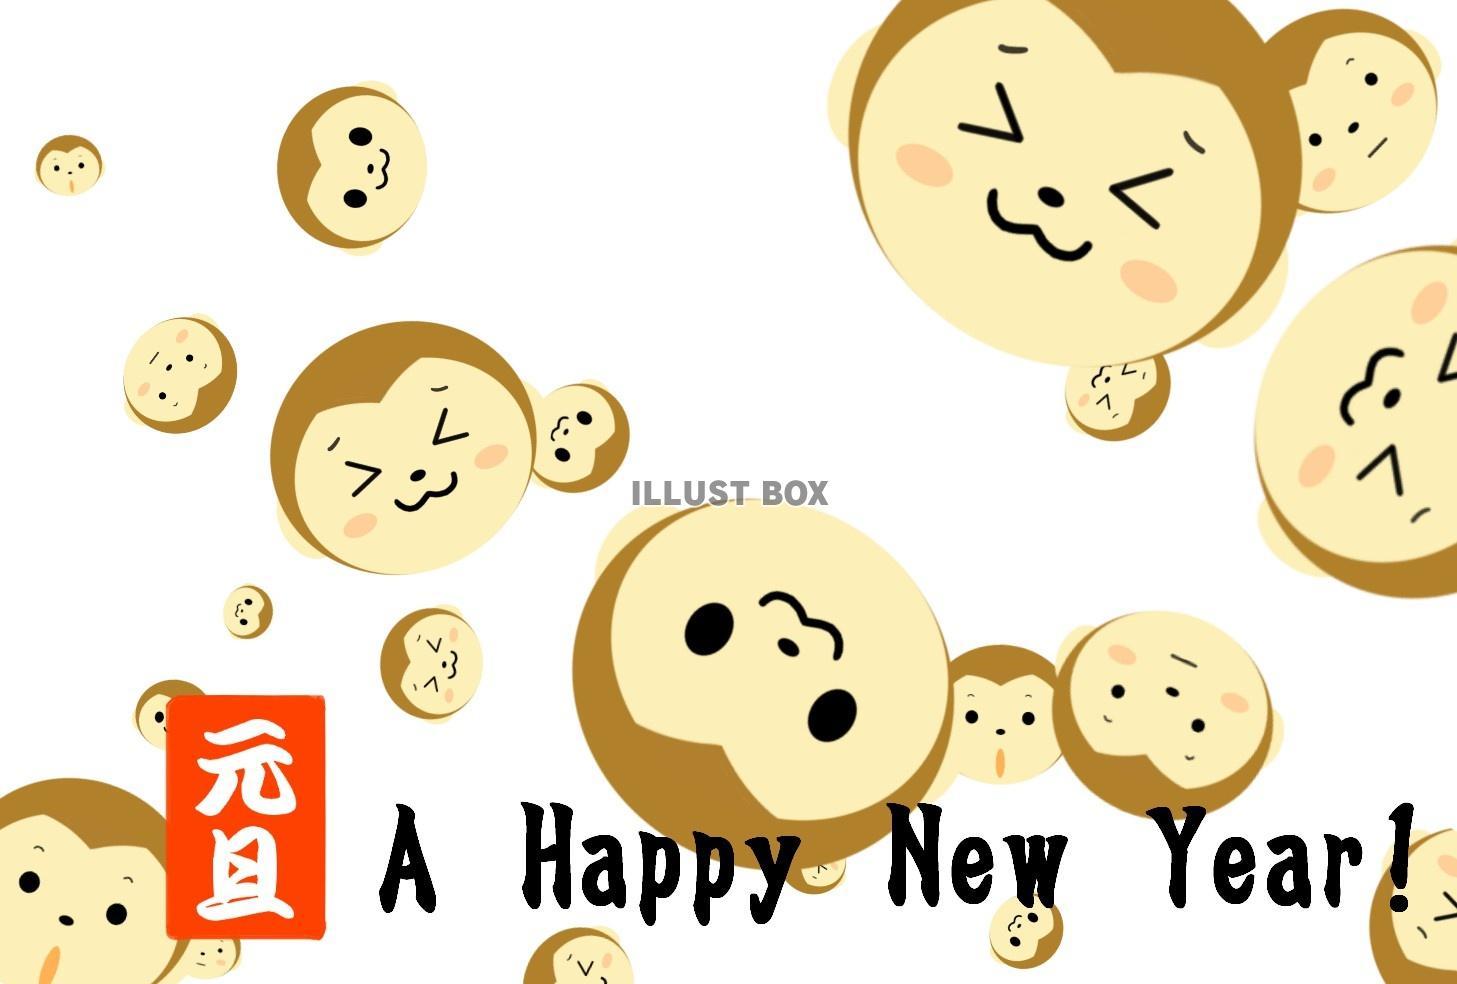 いろんな顔のお猿さん : 年賀状2016 商用okあり!使える!無料